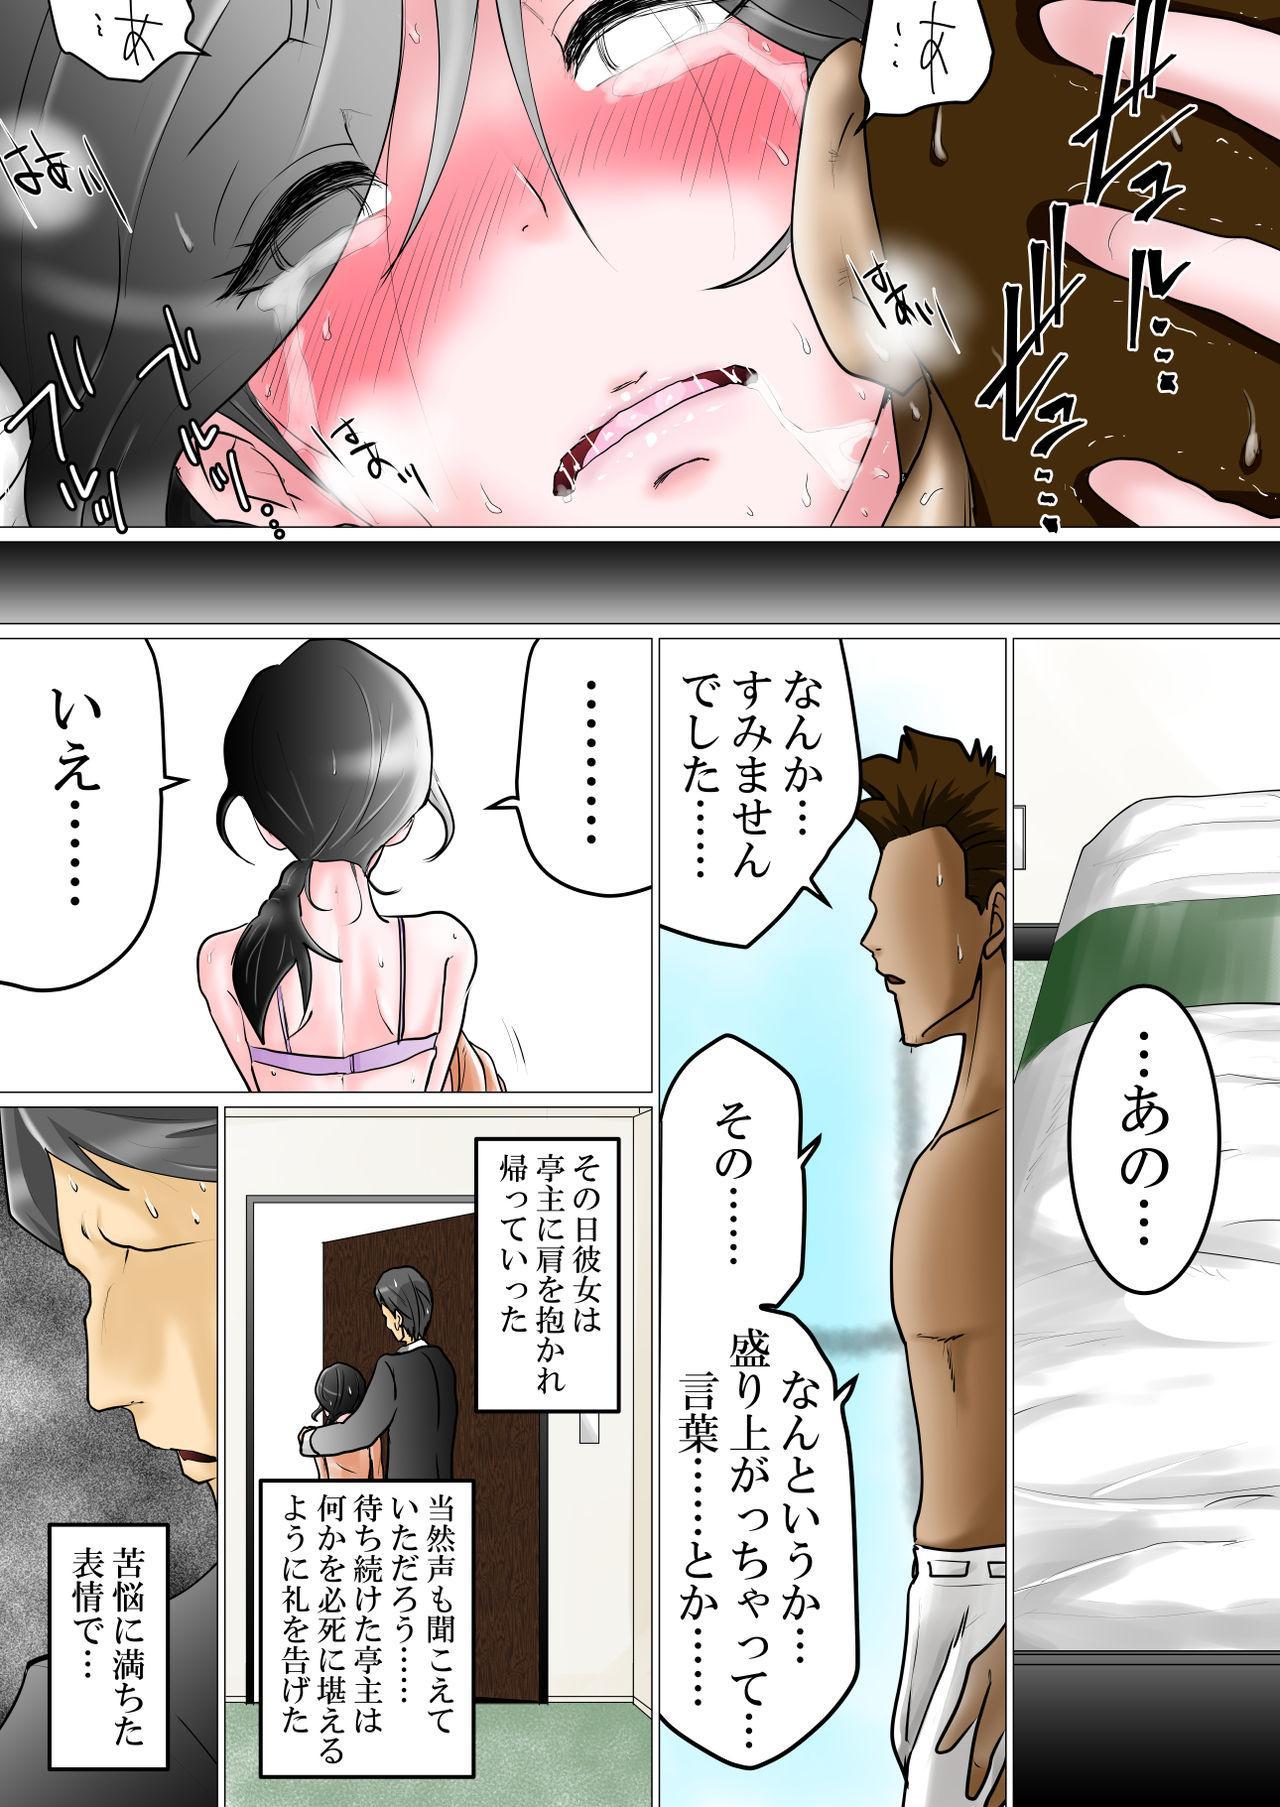 Tanetsuke Irai ~Funin ni Nayamu Fuufu ni Nakadashi o Irai Sareta Benriya no Hanashi 24